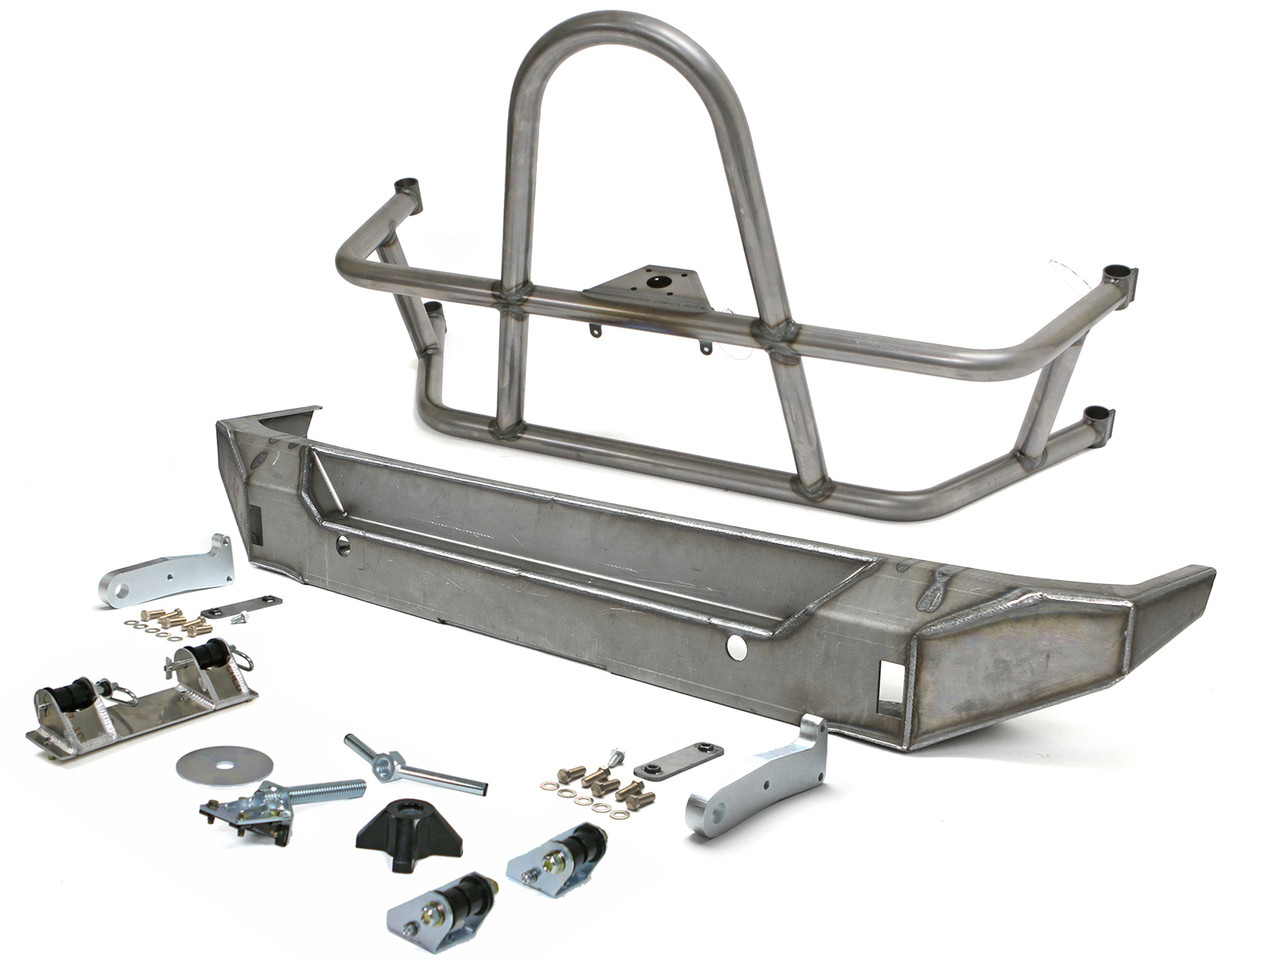 Jeep JK Swing Out Rear Tire Carrier & Bumper Package (Steel)